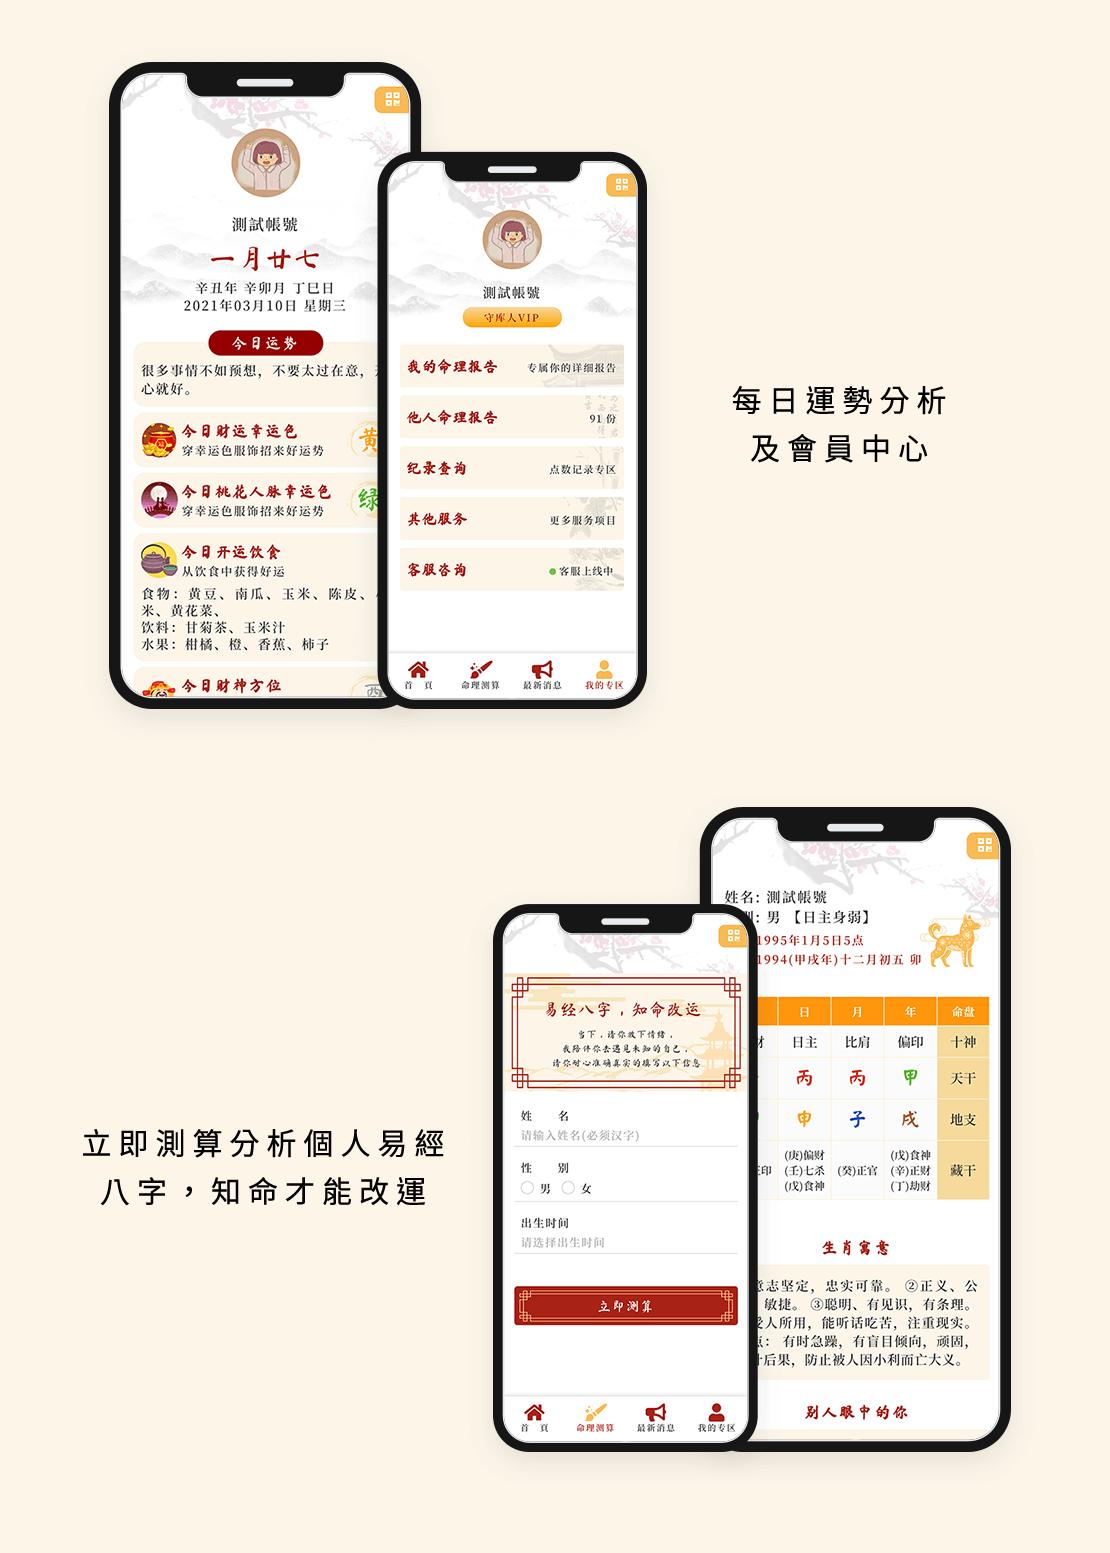 尚泰守庫人 八字風水手機版網站首頁展示